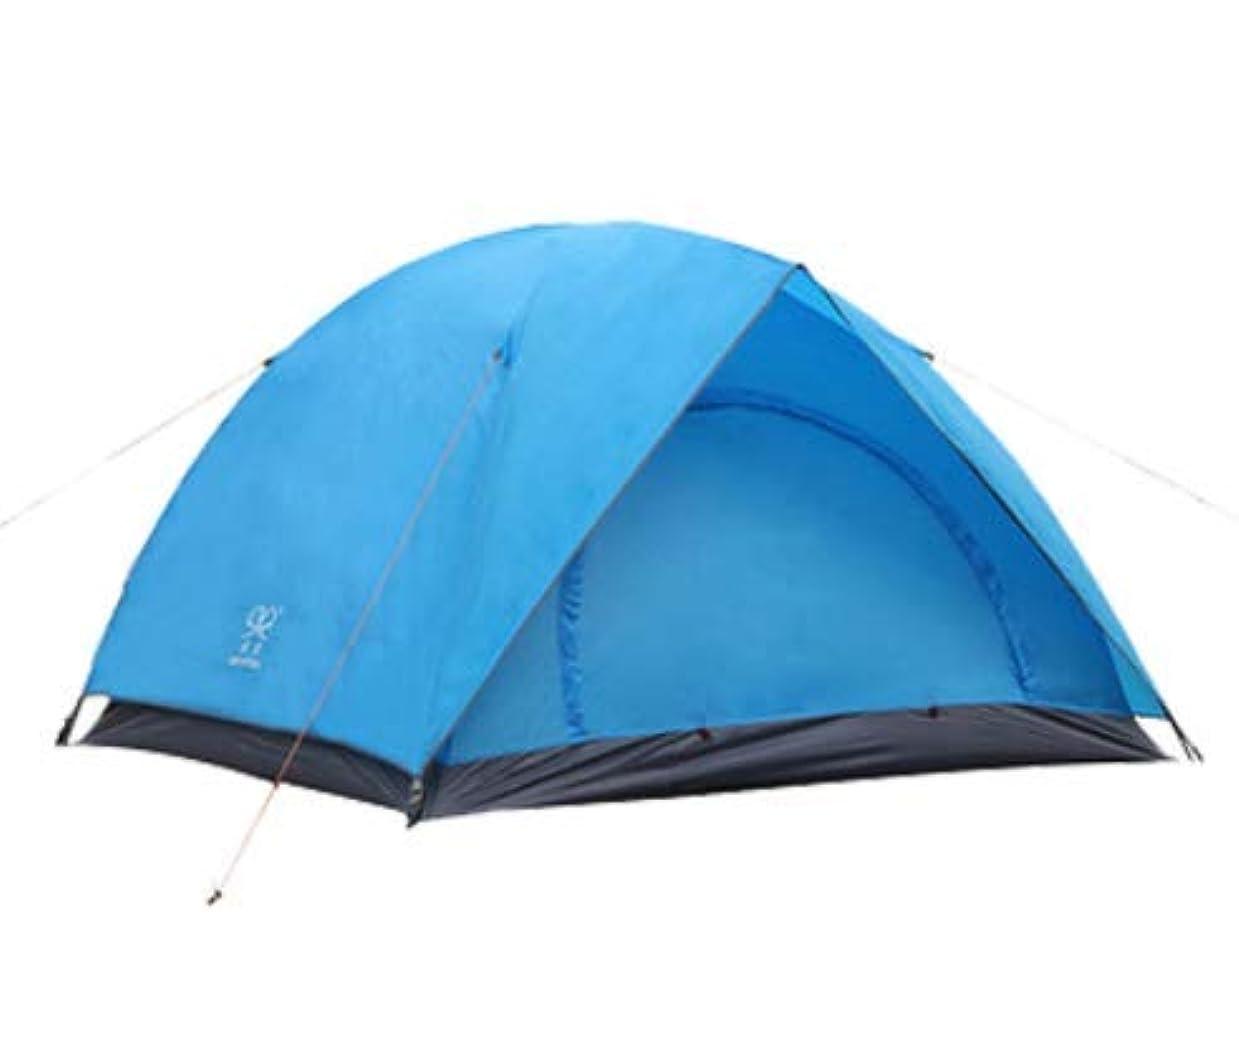 スリムピアニスト曖昧なOpliy 3-4人屋外キャンプテント防水と防風ダブルキャンプテント200 * 200 * 135センチ190TPU防水2000-3000ミリメートル家族テント 品質保証 (Size : L)